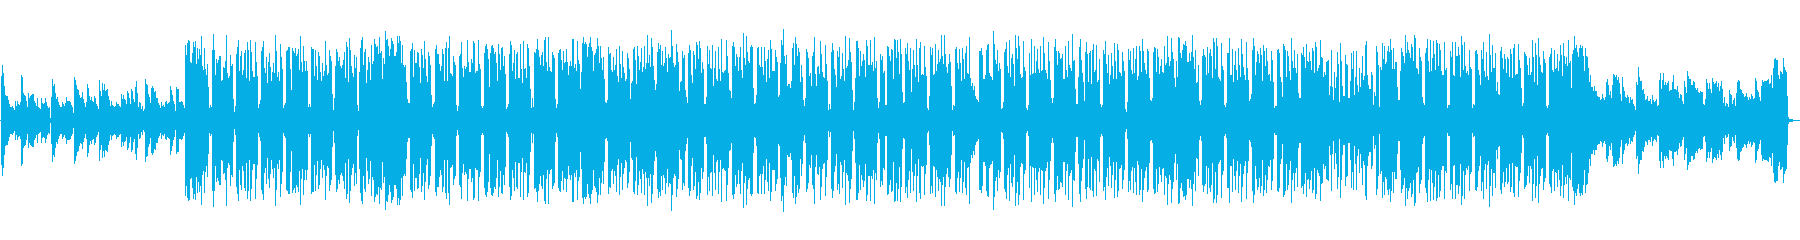 ピアノの旋律が印象的なヒップホップの再生済みの波形